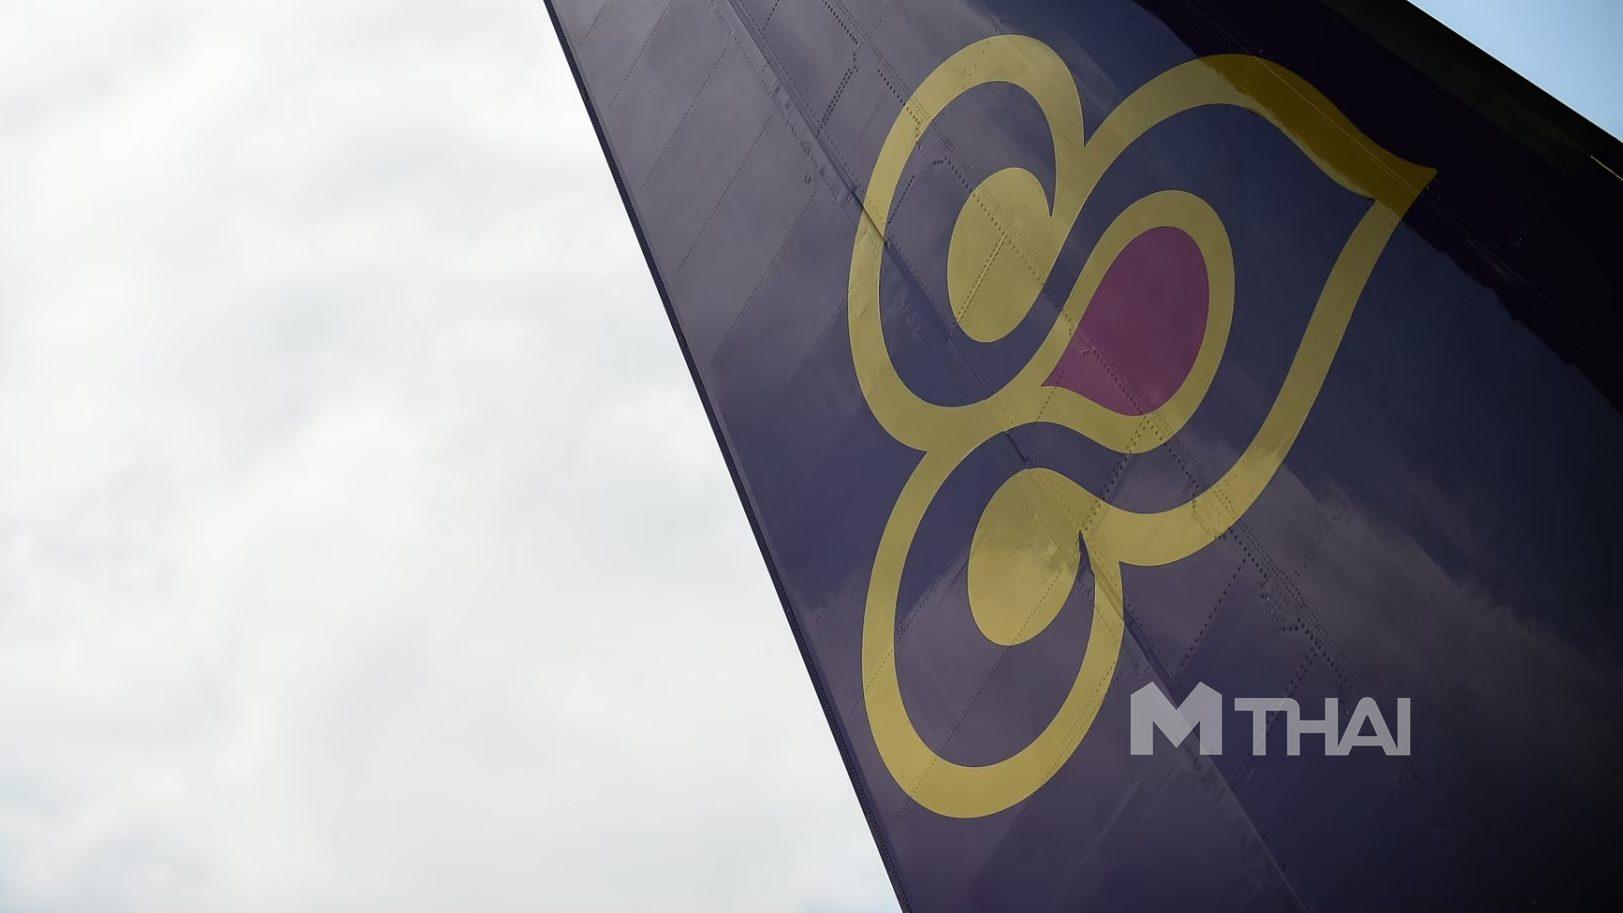 ครม.เห็นชอบ ให้การบินไทย จัด 9 เที่ยวบินพิเศษ รับ-ส่งผู้แสวงบุญพิธีฮัจญ์ ปี 65